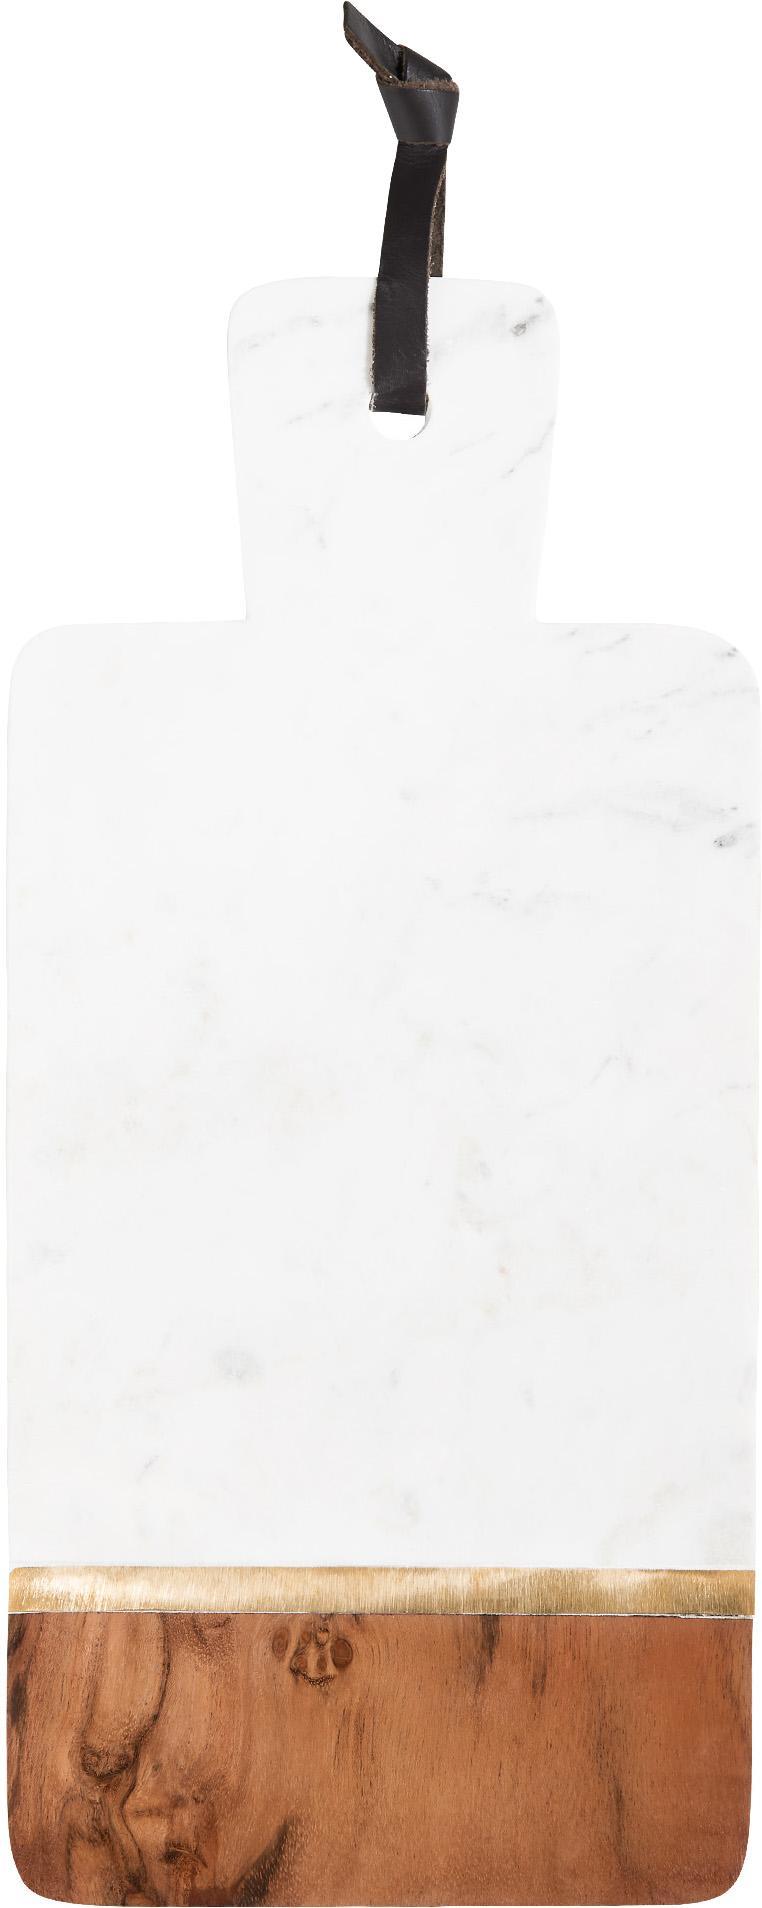 Tabla de cortar de mármol Luxory Kitchen, Mármol, madera de acacia, latón, Blanco, acacia, latón, An 37 x Al 17 cm